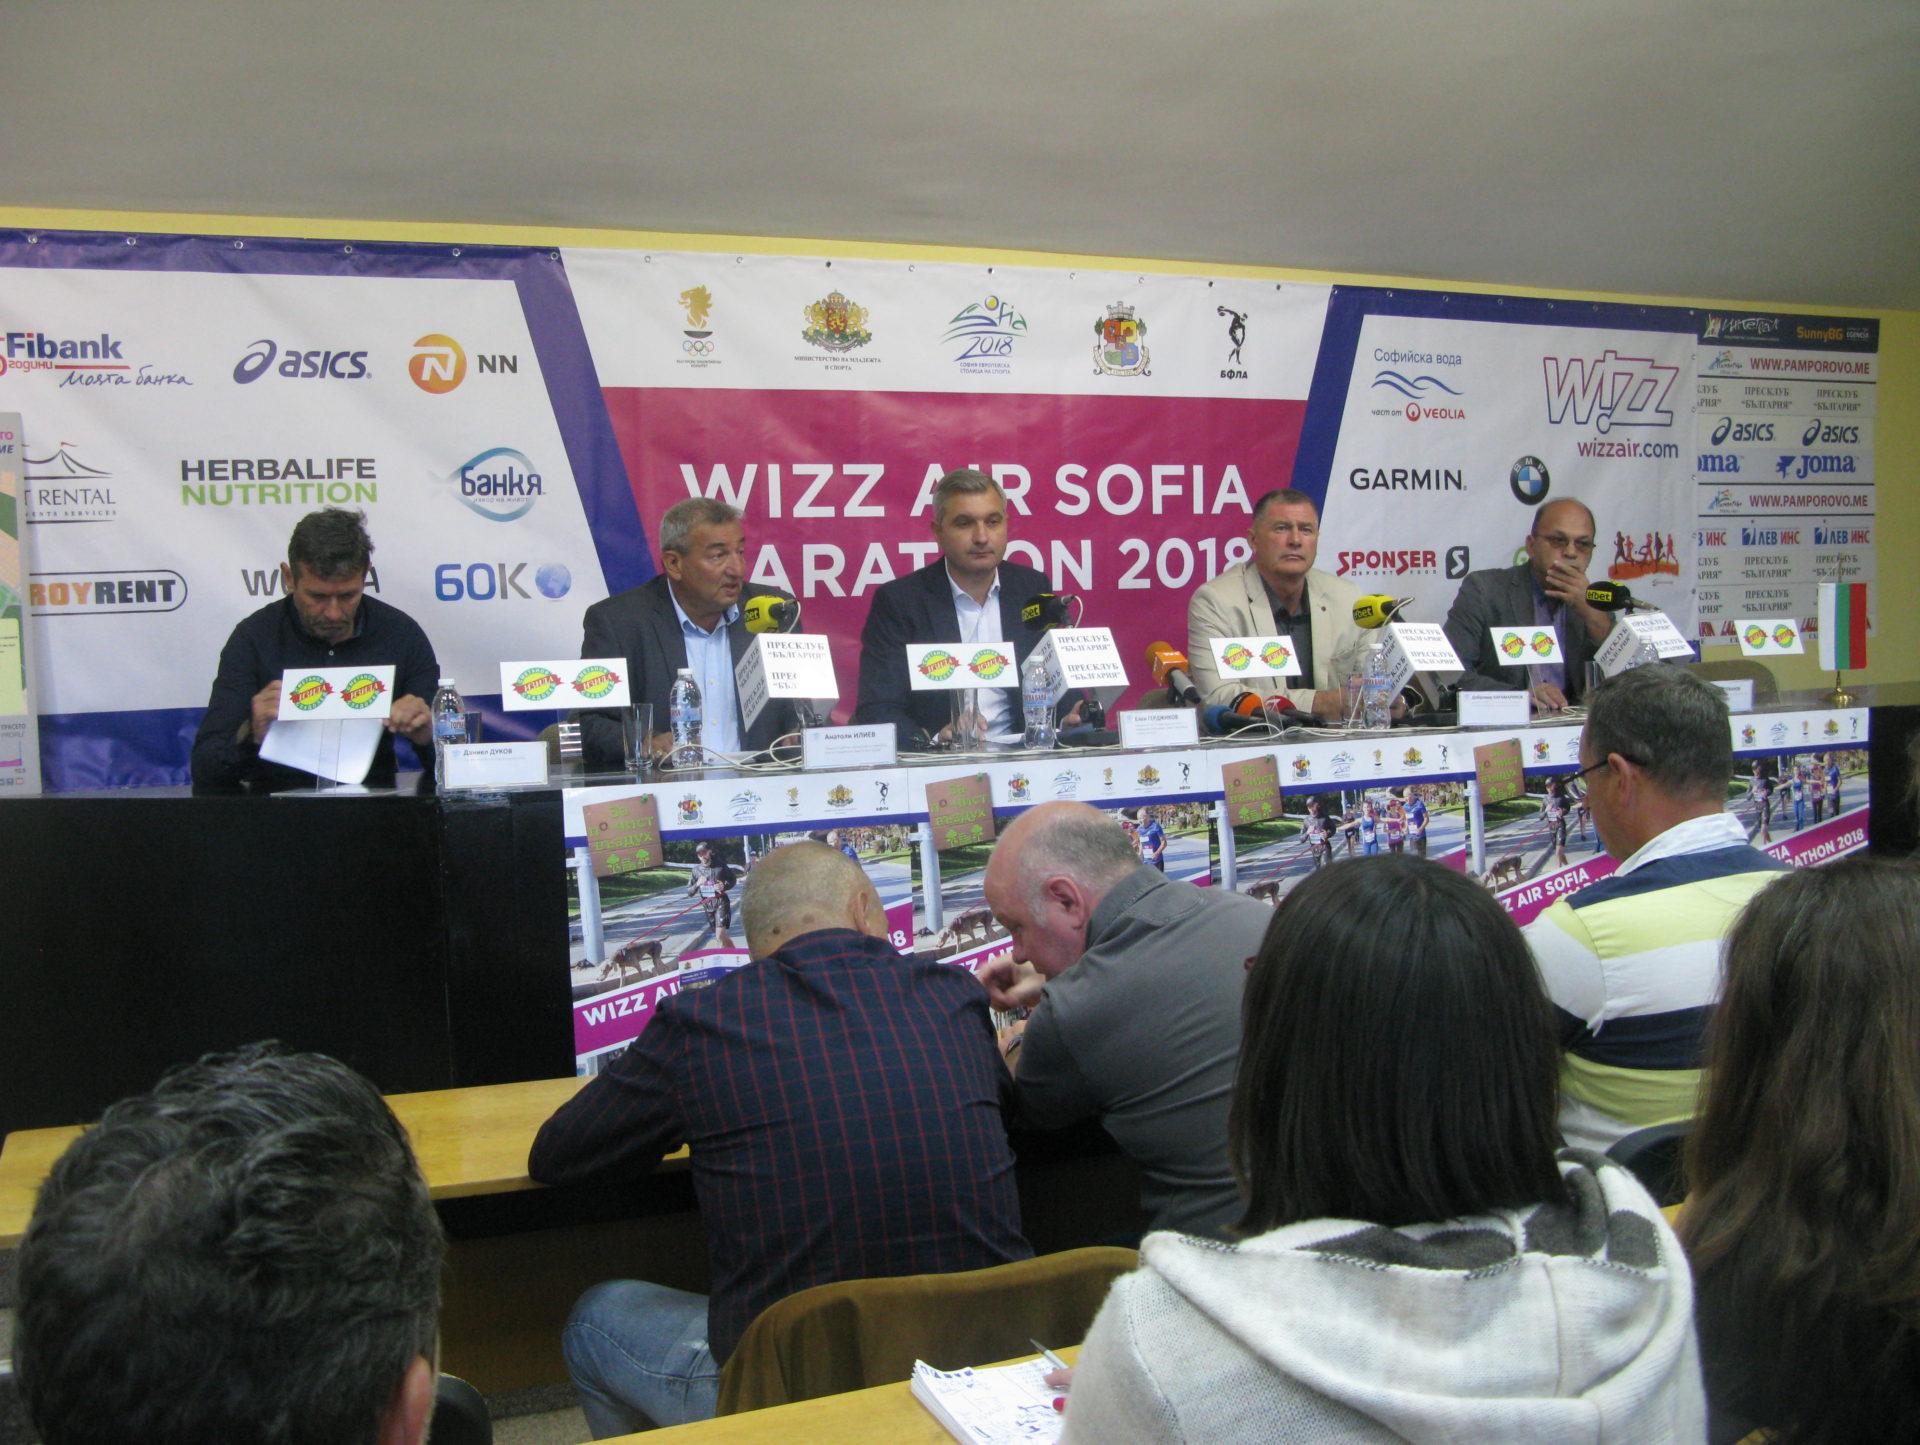 Рекордните над 4000 атлети на старт в Wizz Air София маратон 2018 на 14 октомври